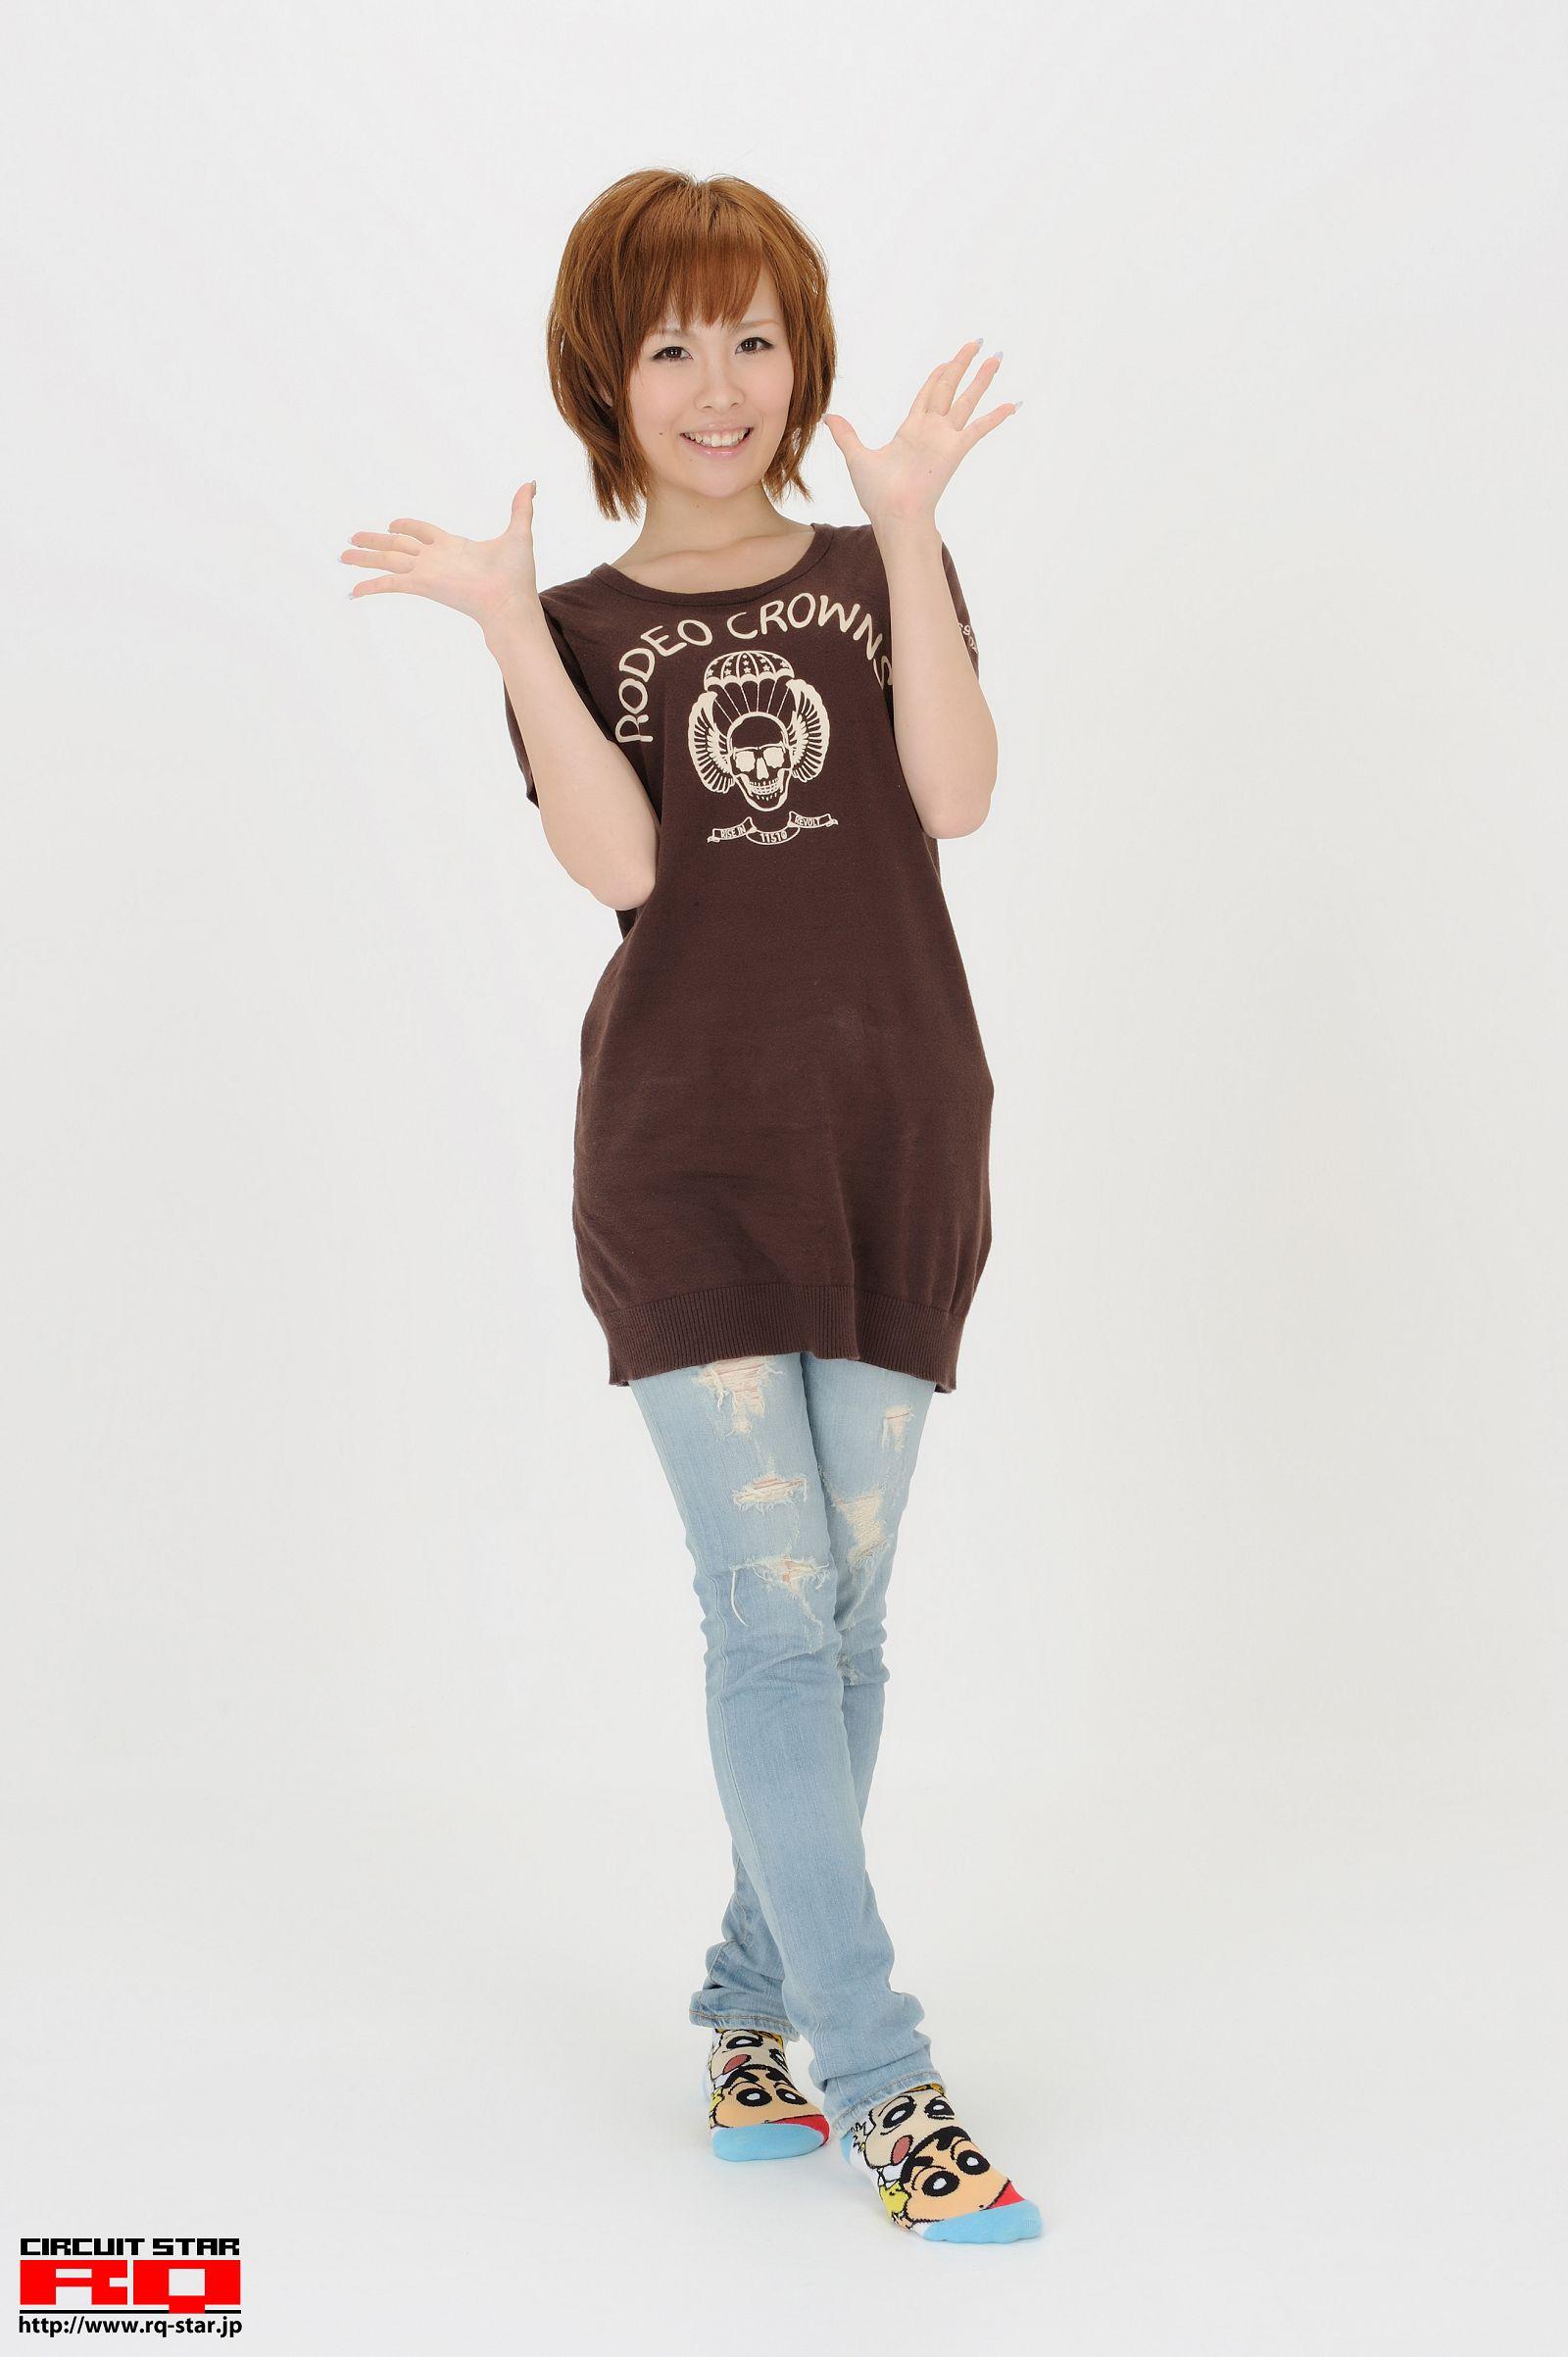 [RQ STAR美女] NO.00480 Sayu Kuramochi 倉持さゆ Private Dress[95P] RQ STAR 第1张